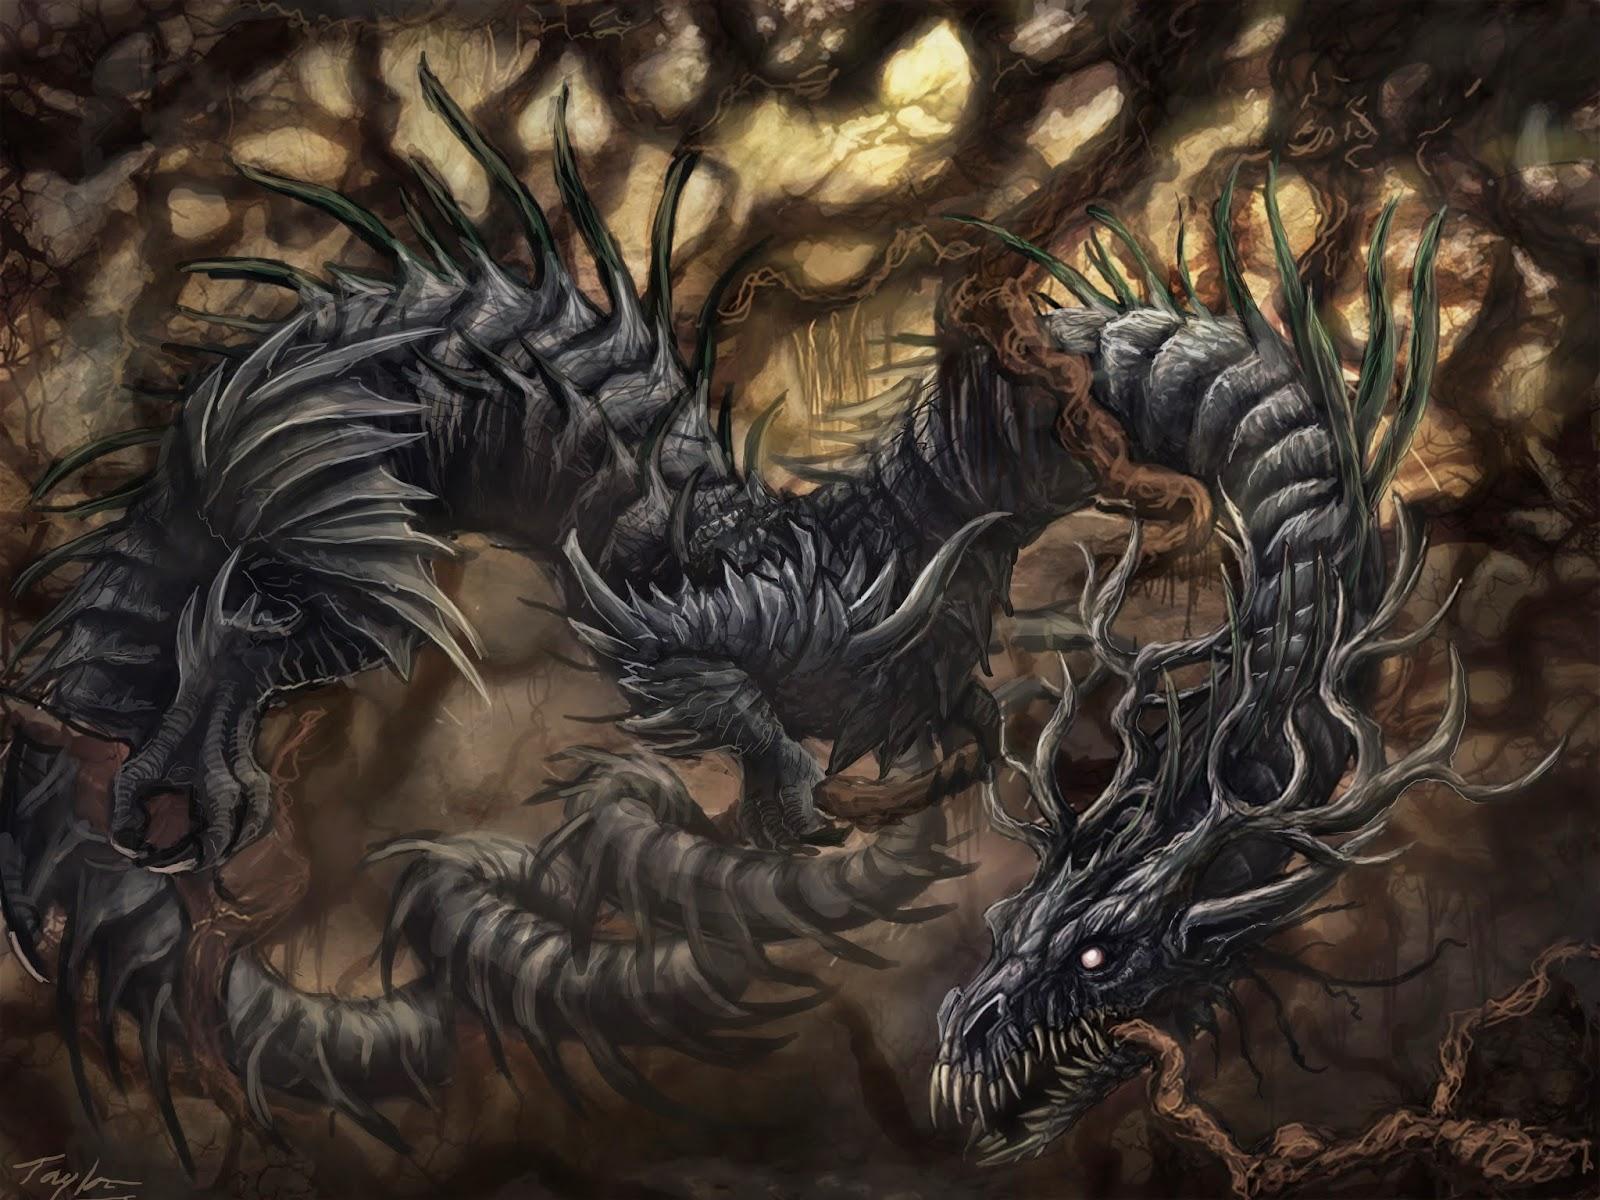 Níðhöggr destruyendo las raices del arbol sagrado